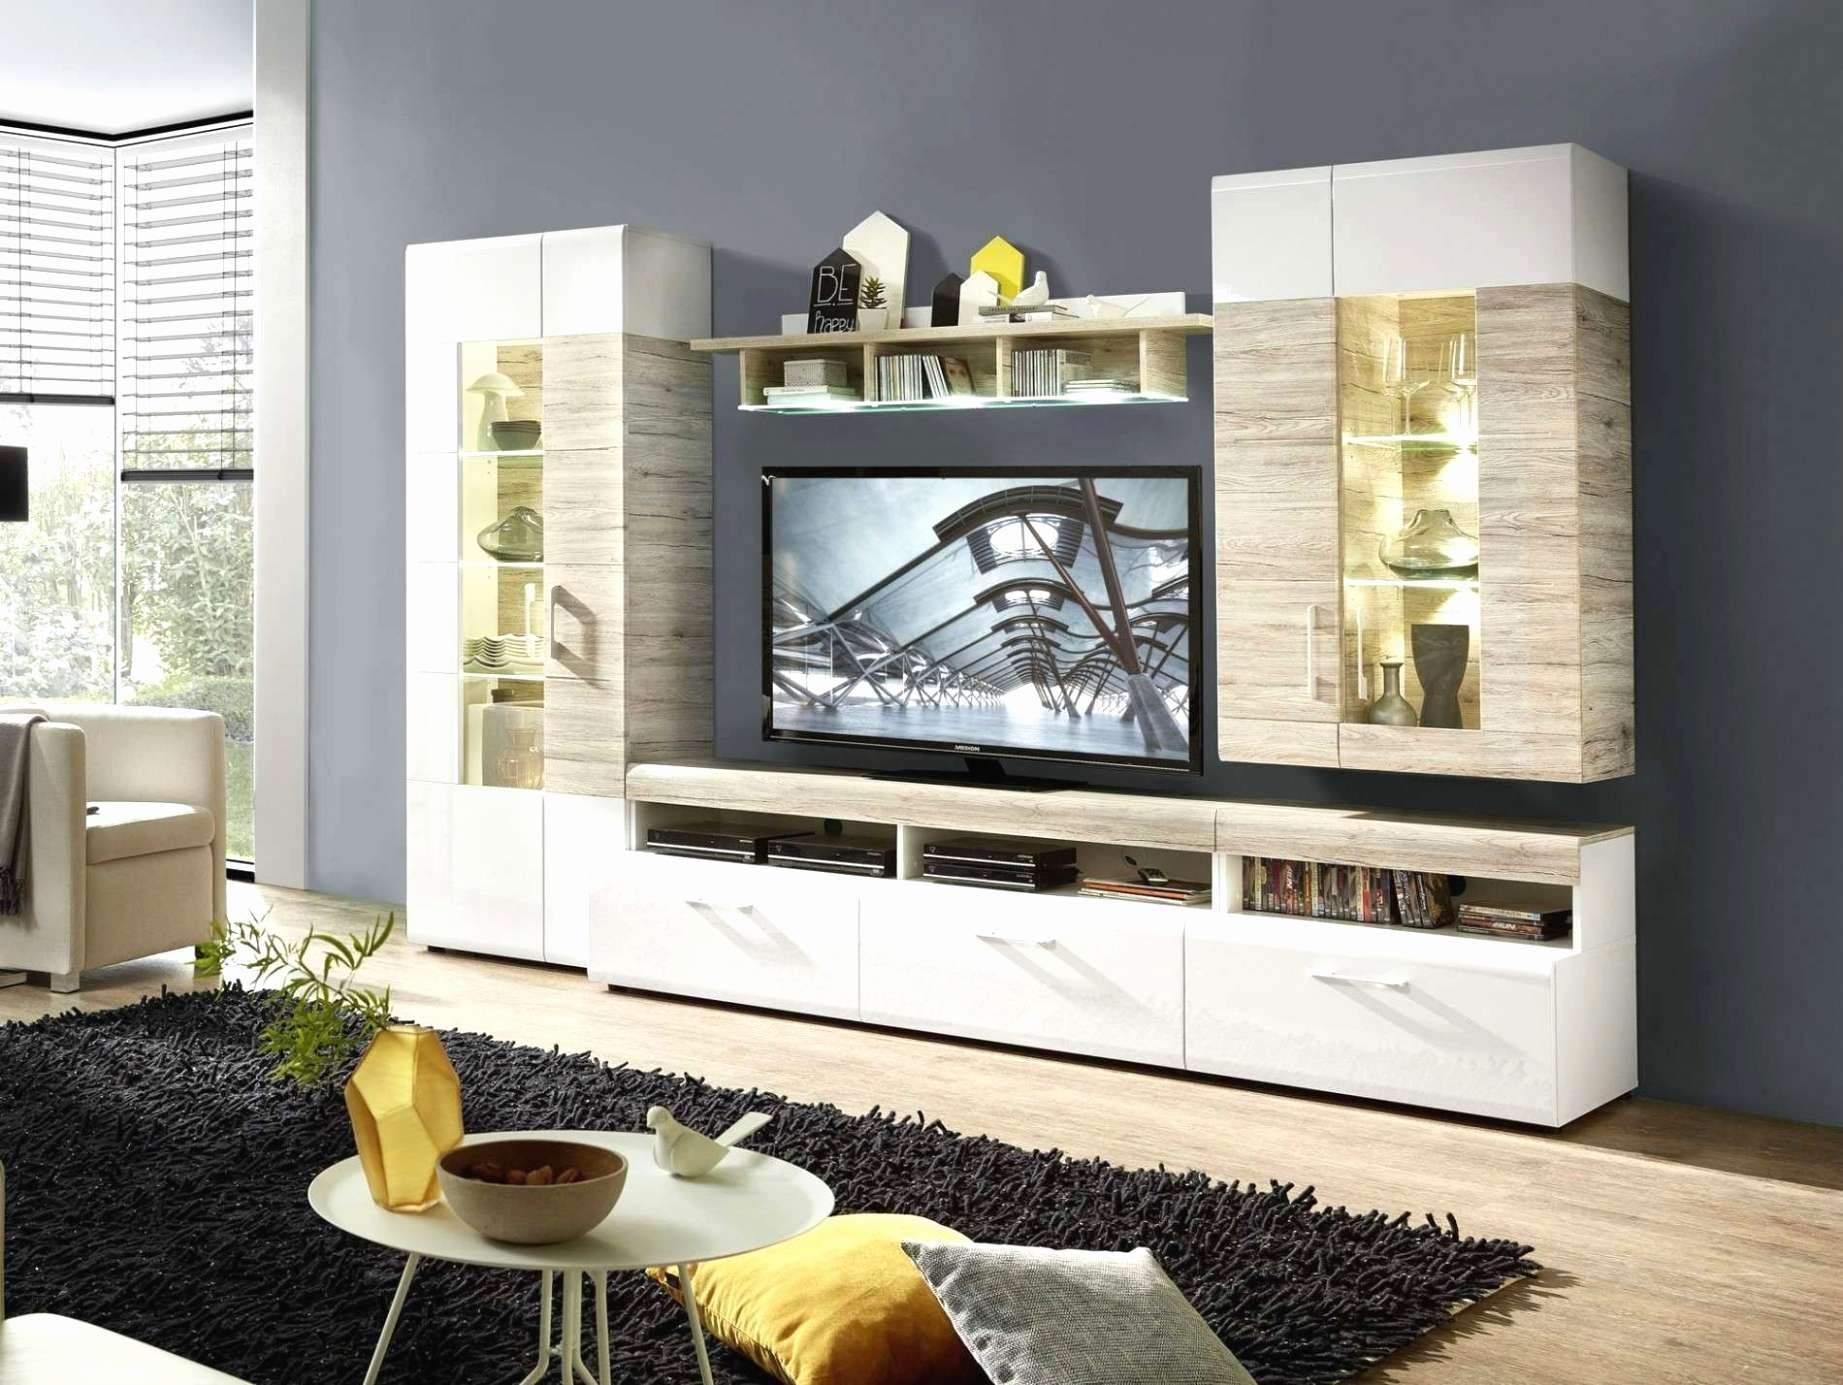 deko sideboard wohnzimmer neu das beste von schrankwand wohnzimmer modern of deko sideboard wohnzimmer